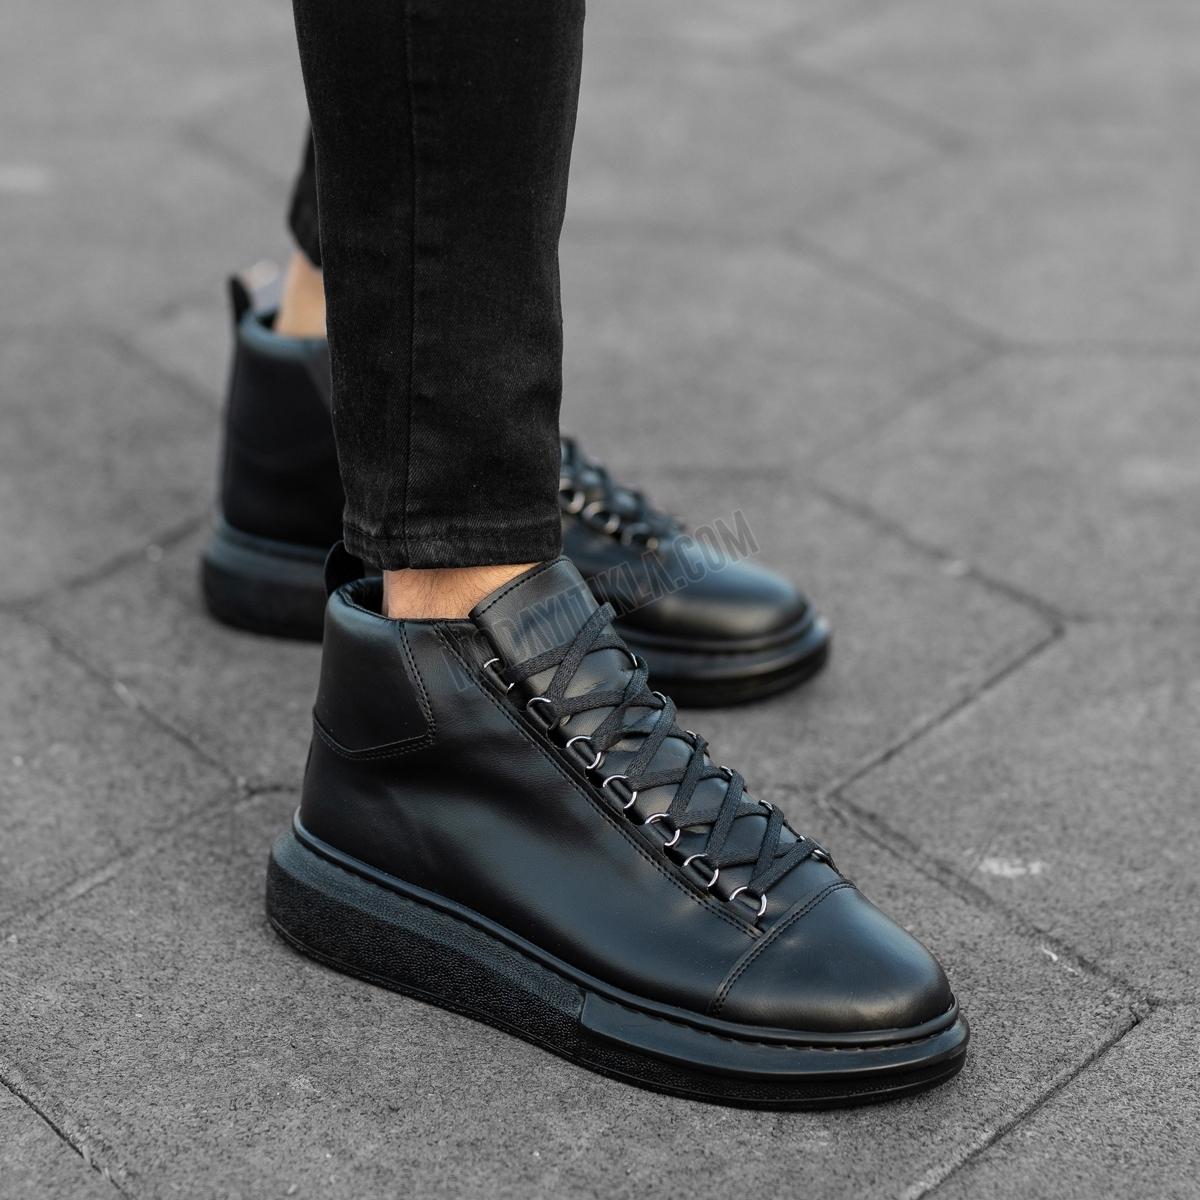 Erkek Yüksek Taban Full Siyah Ayakkabı